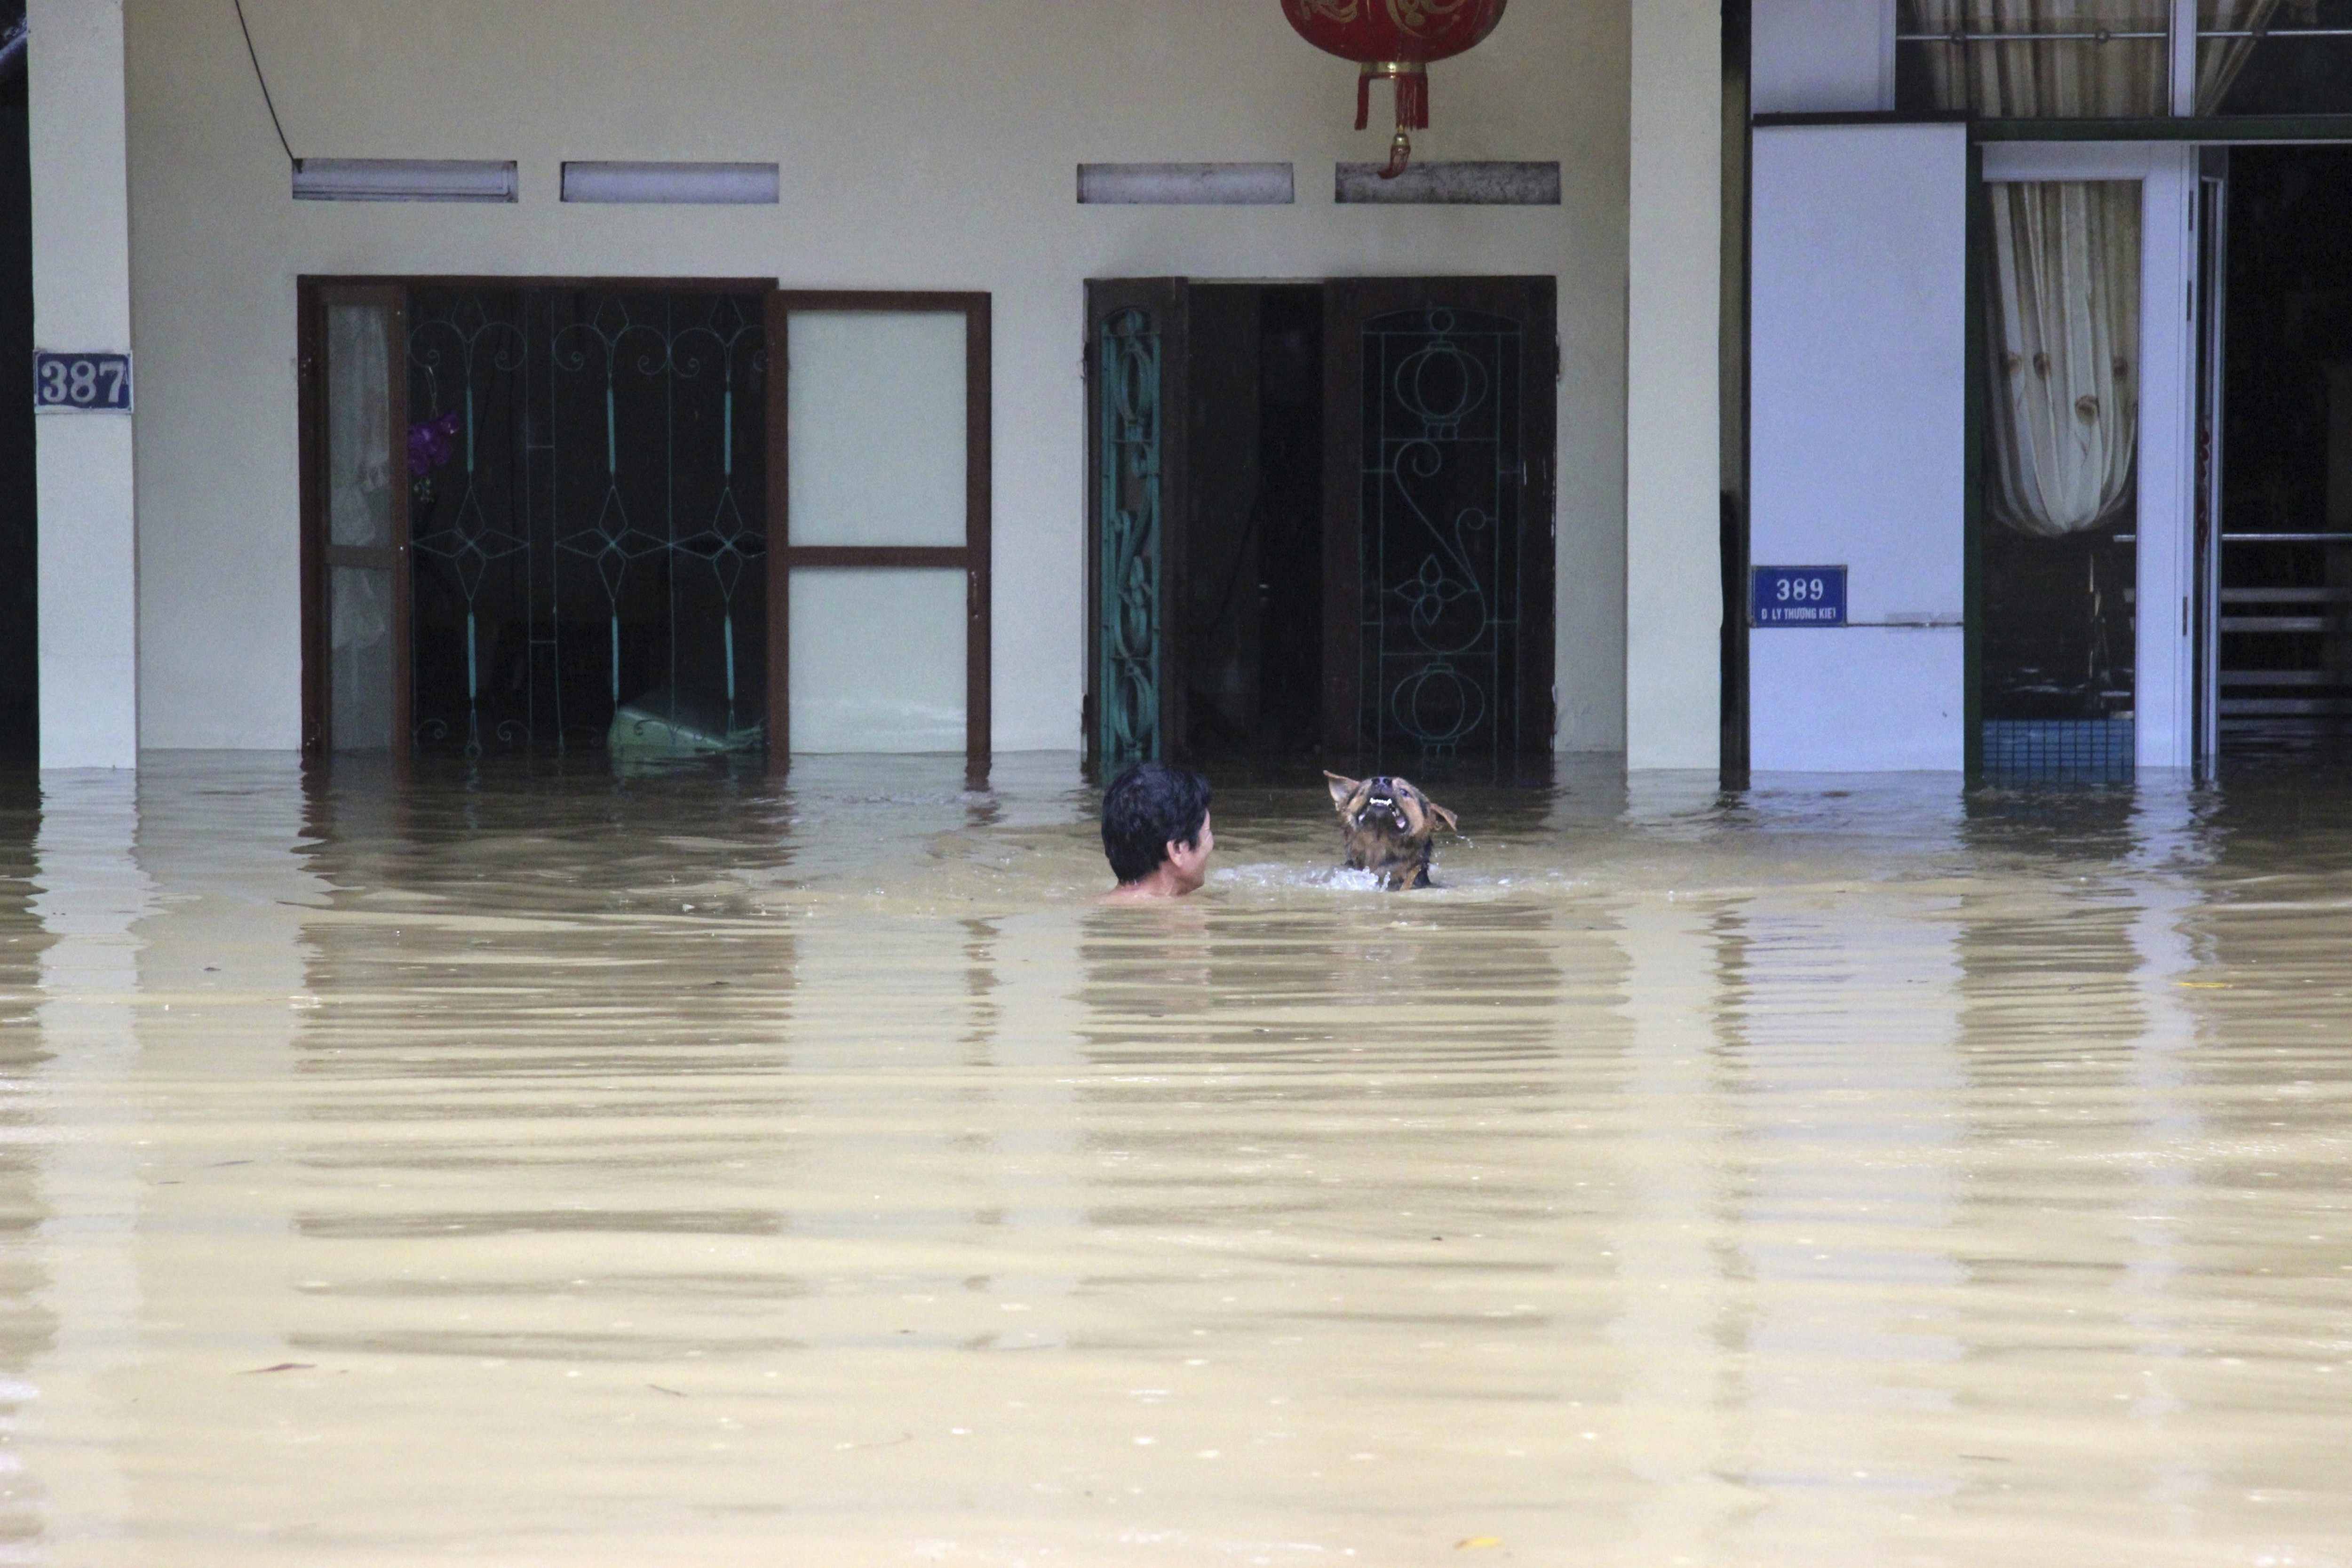 vietnam-toylachiston-15-nekroi-meta-apo-plimmyres-kai-katolisthiseis-amp-8211-nees-katarraktodeis-vrochoptoseis-provlepoyn-oi-meteorologoi4